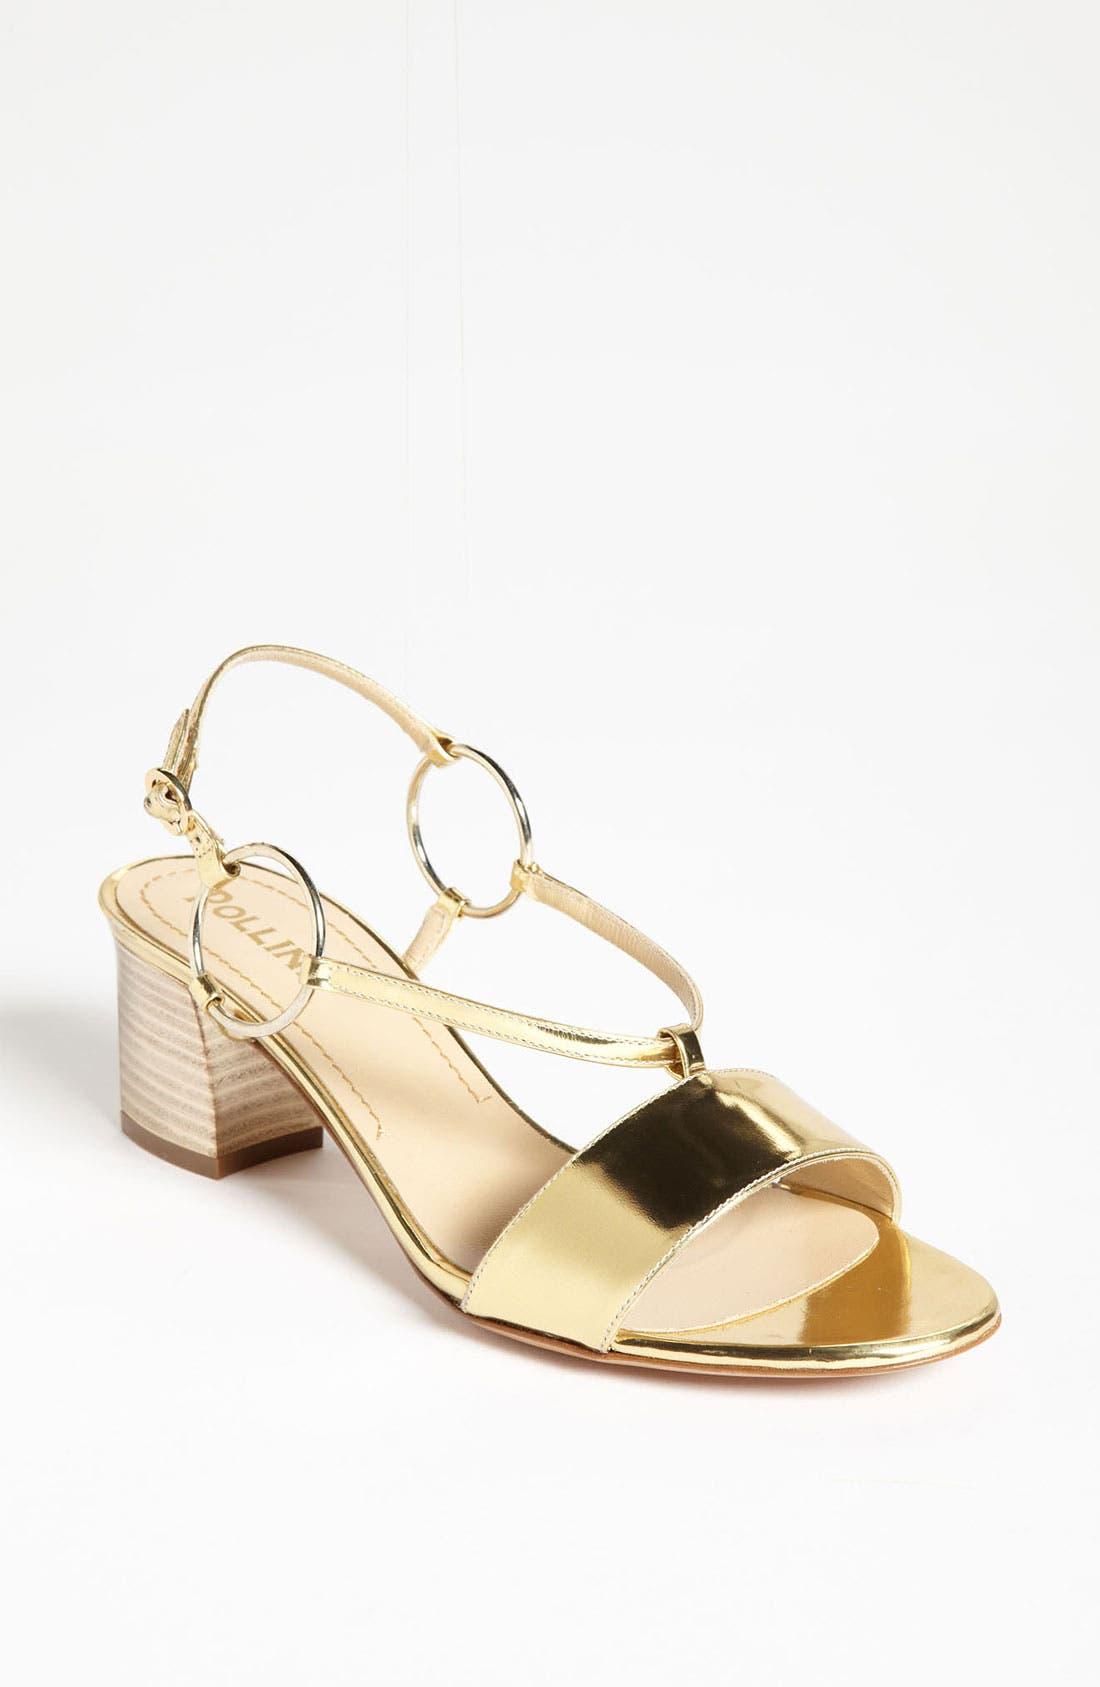 Alternate Image 1 Selected - Pollini Metallic Mid Sandal